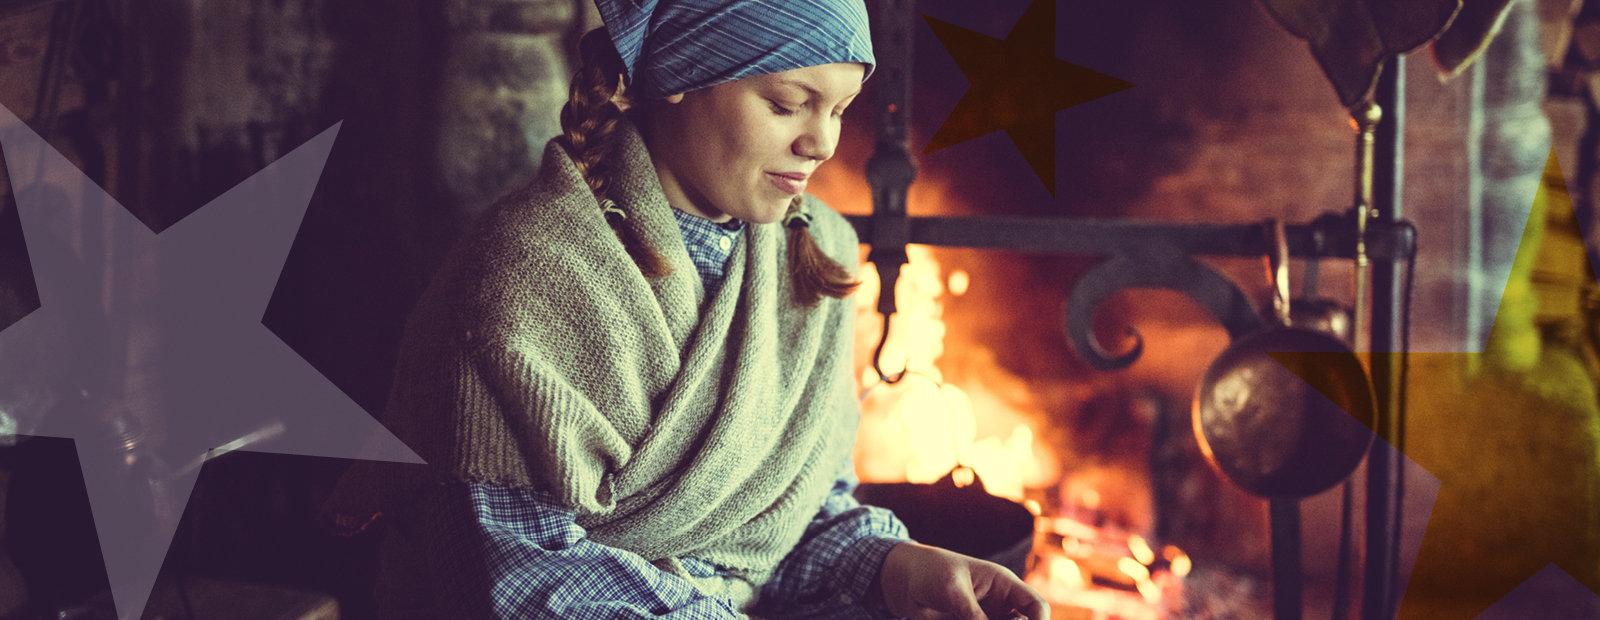 Jente med skaut og sjal ved peisen i Øygarden på Maihaugen.